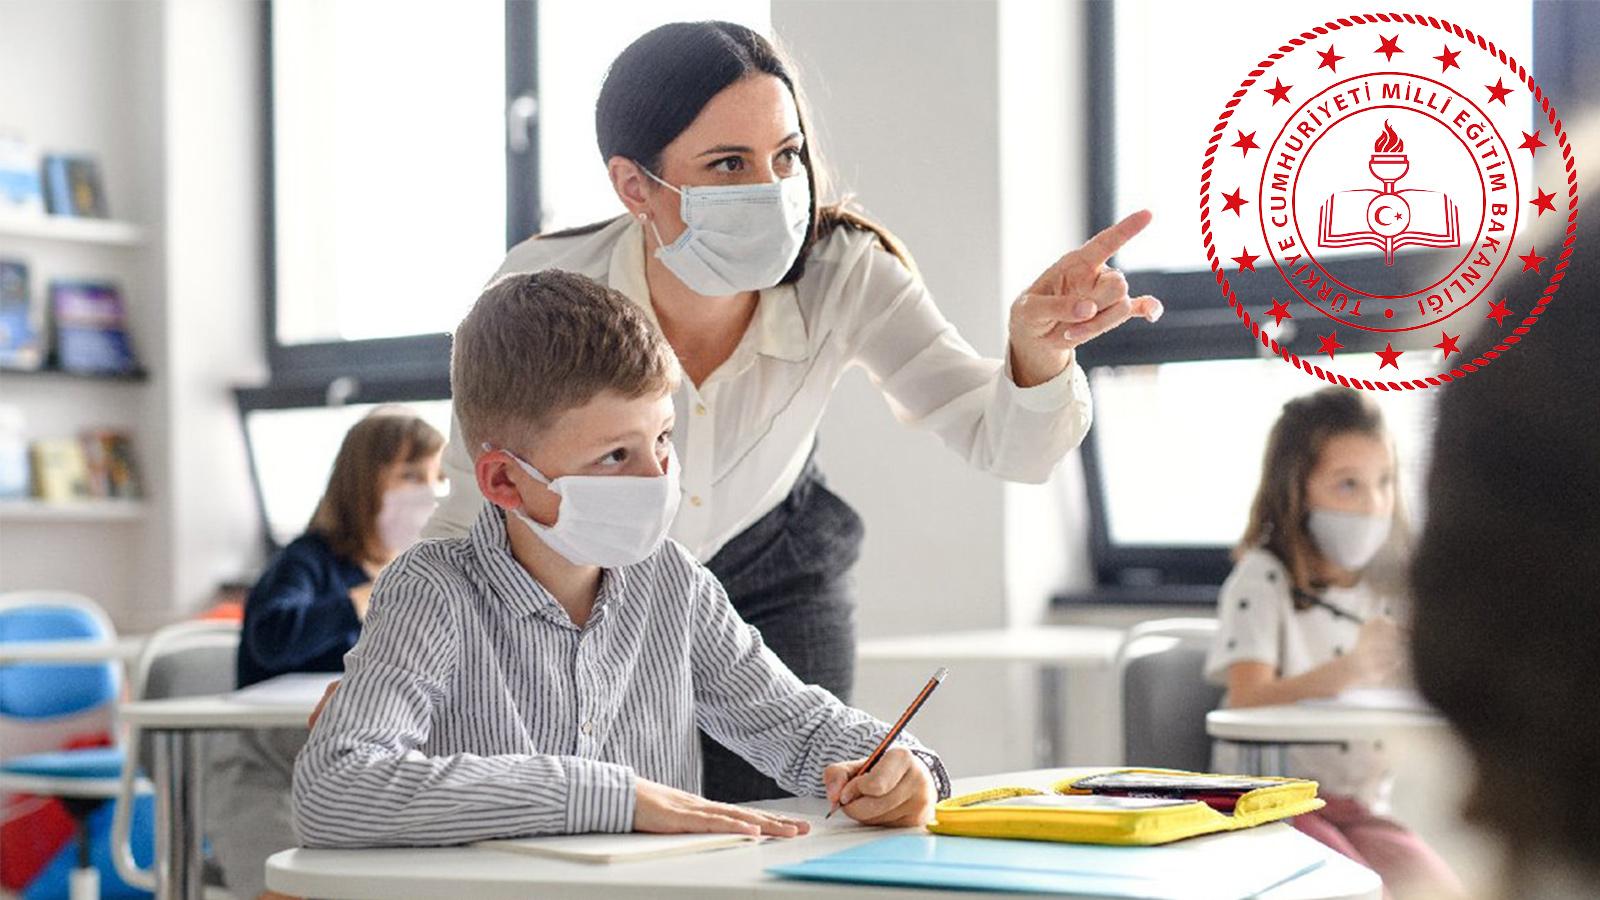 Ankara'da flaş uzaktan eğitim kararı! 5,6,7 ile lise hazırlık 9,10,11. sınıflarda tam zamanlı uzaktan eğitime geçilecek